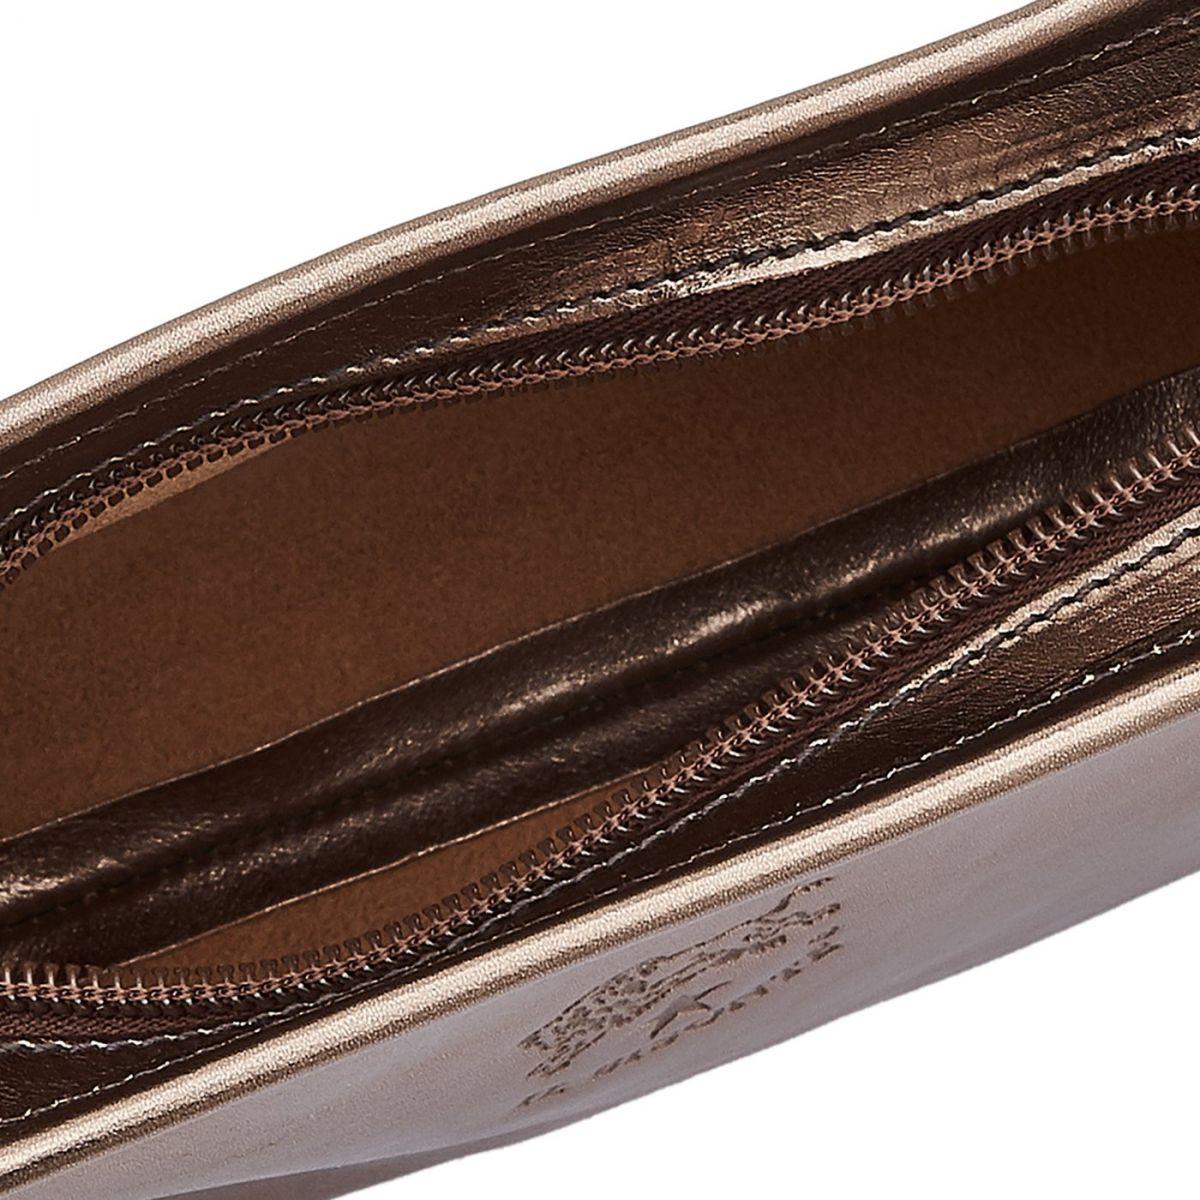 Women's Crossbody Bag in Metallic Leather BCR009 color Metallic Bronze | Details